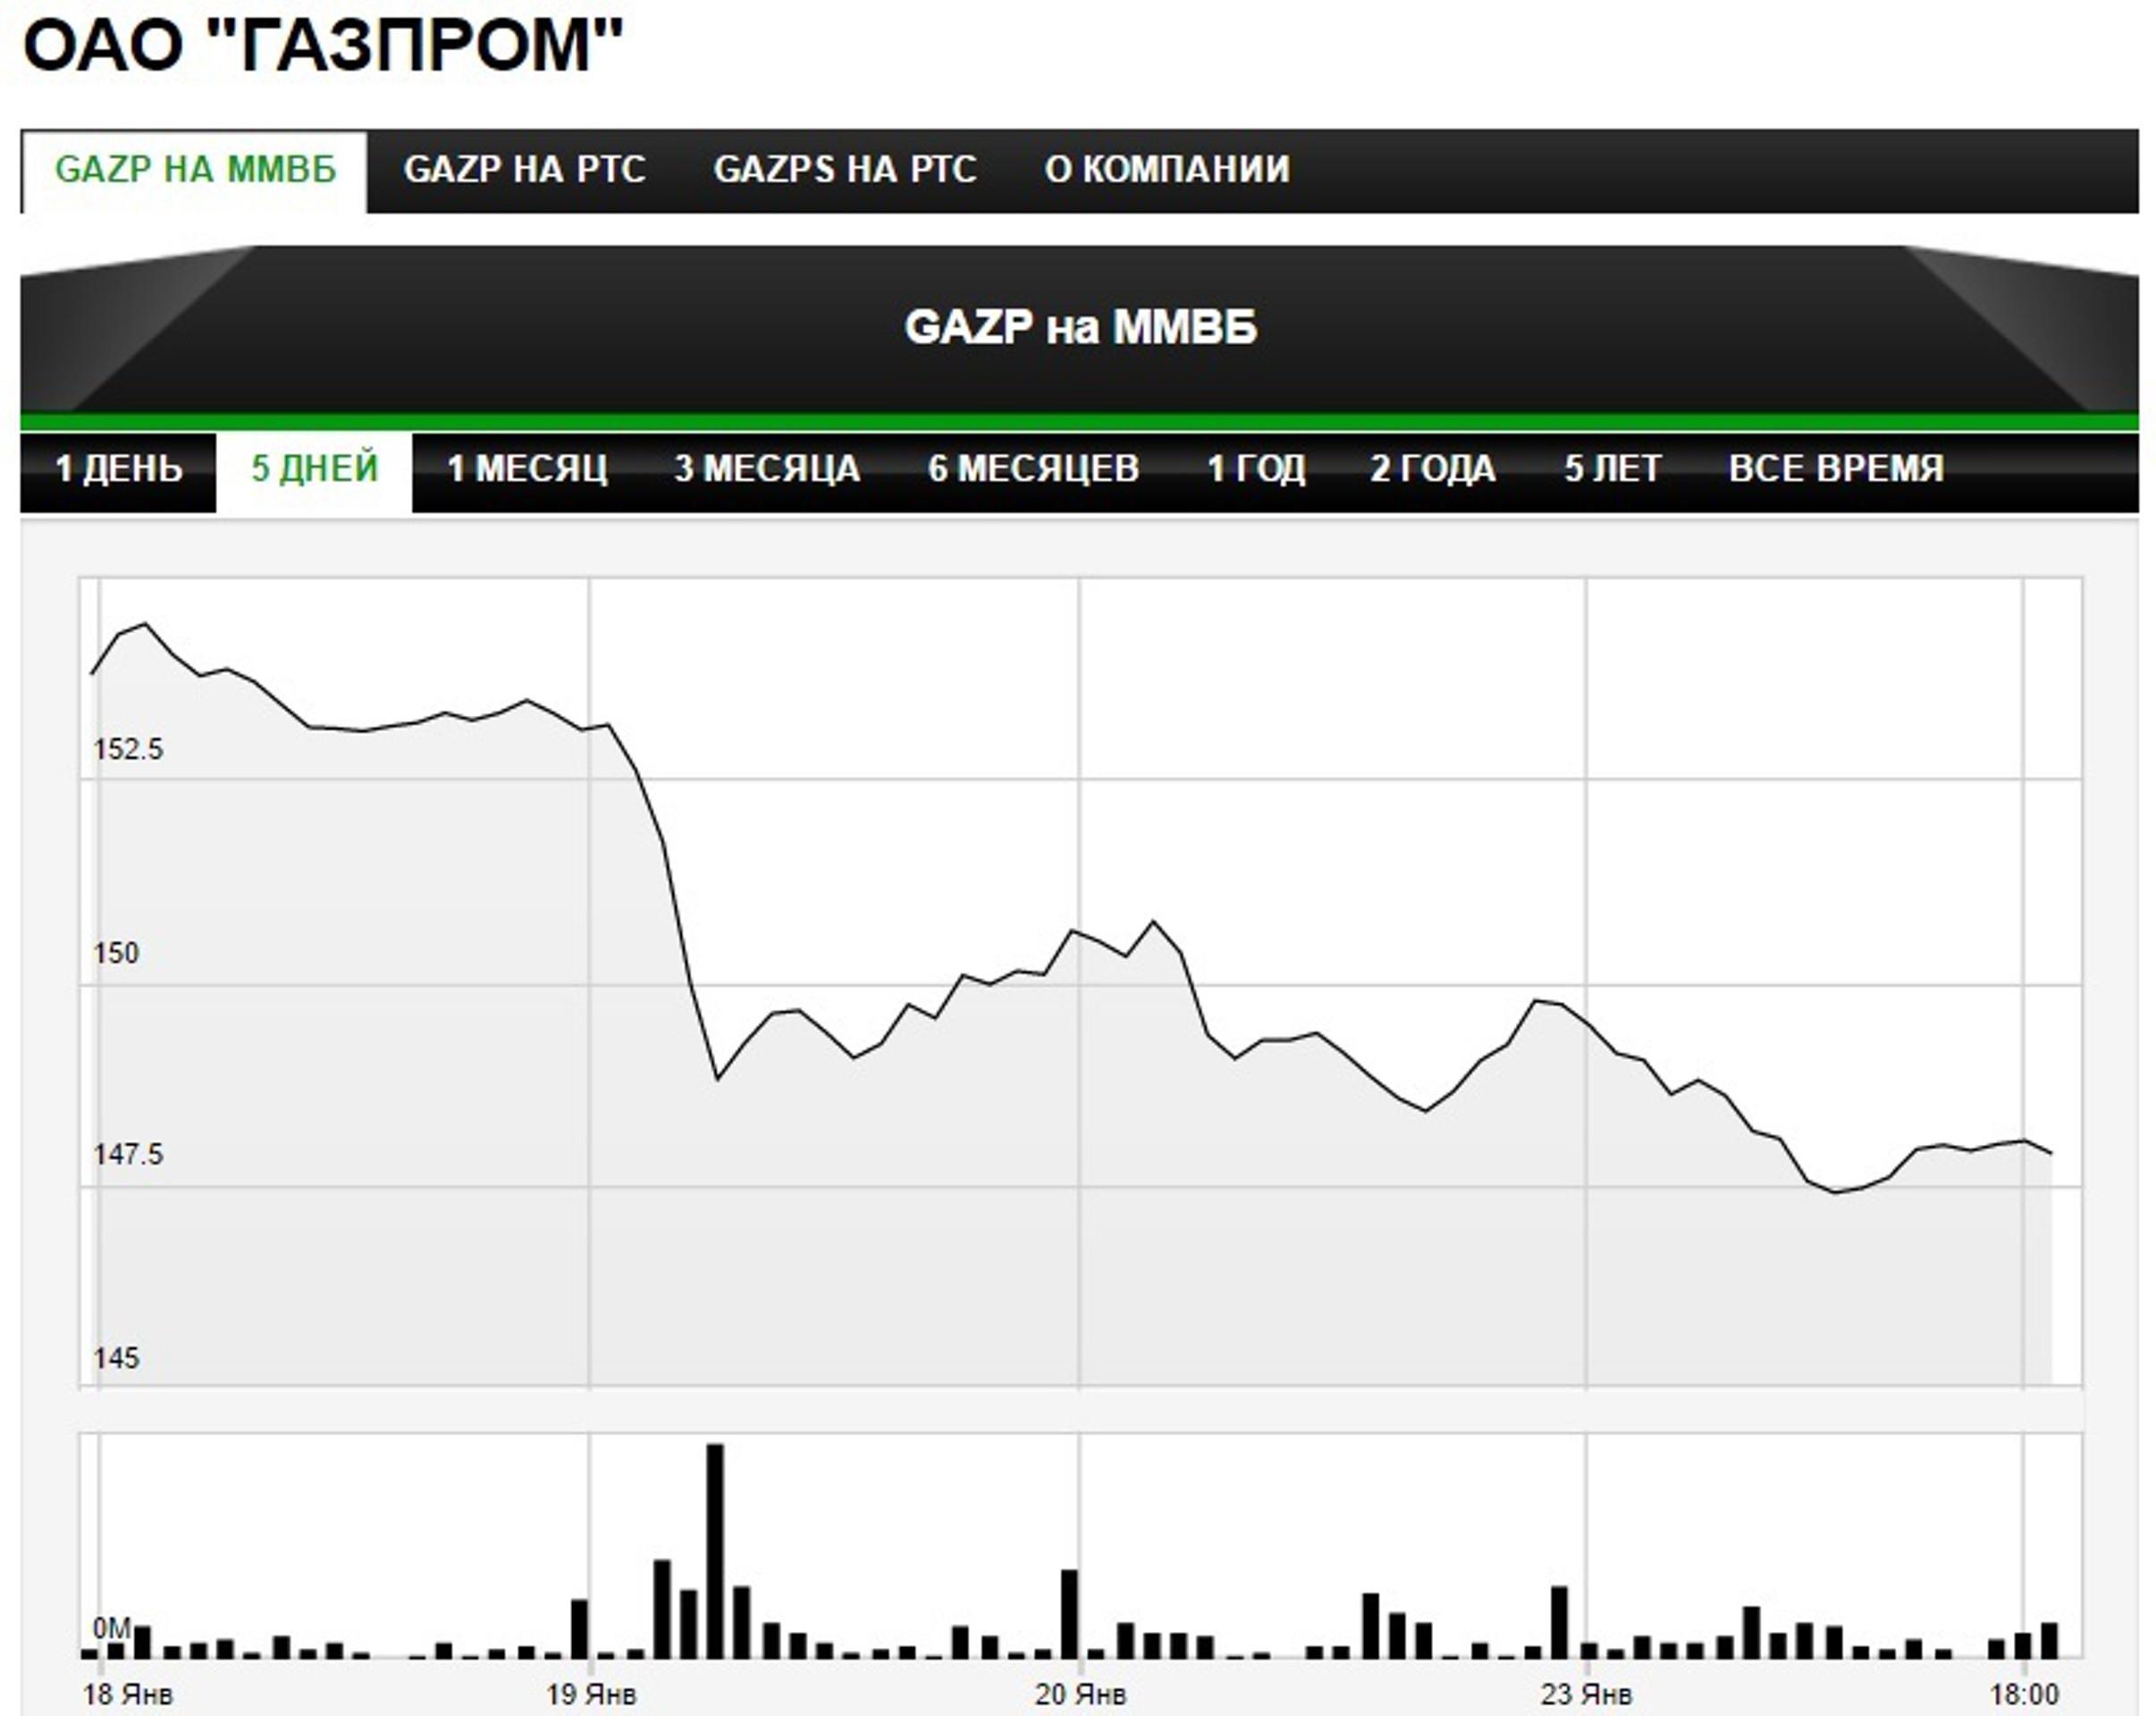 """""""Газпром"""" может продать активы на 350 млрд рублей"""